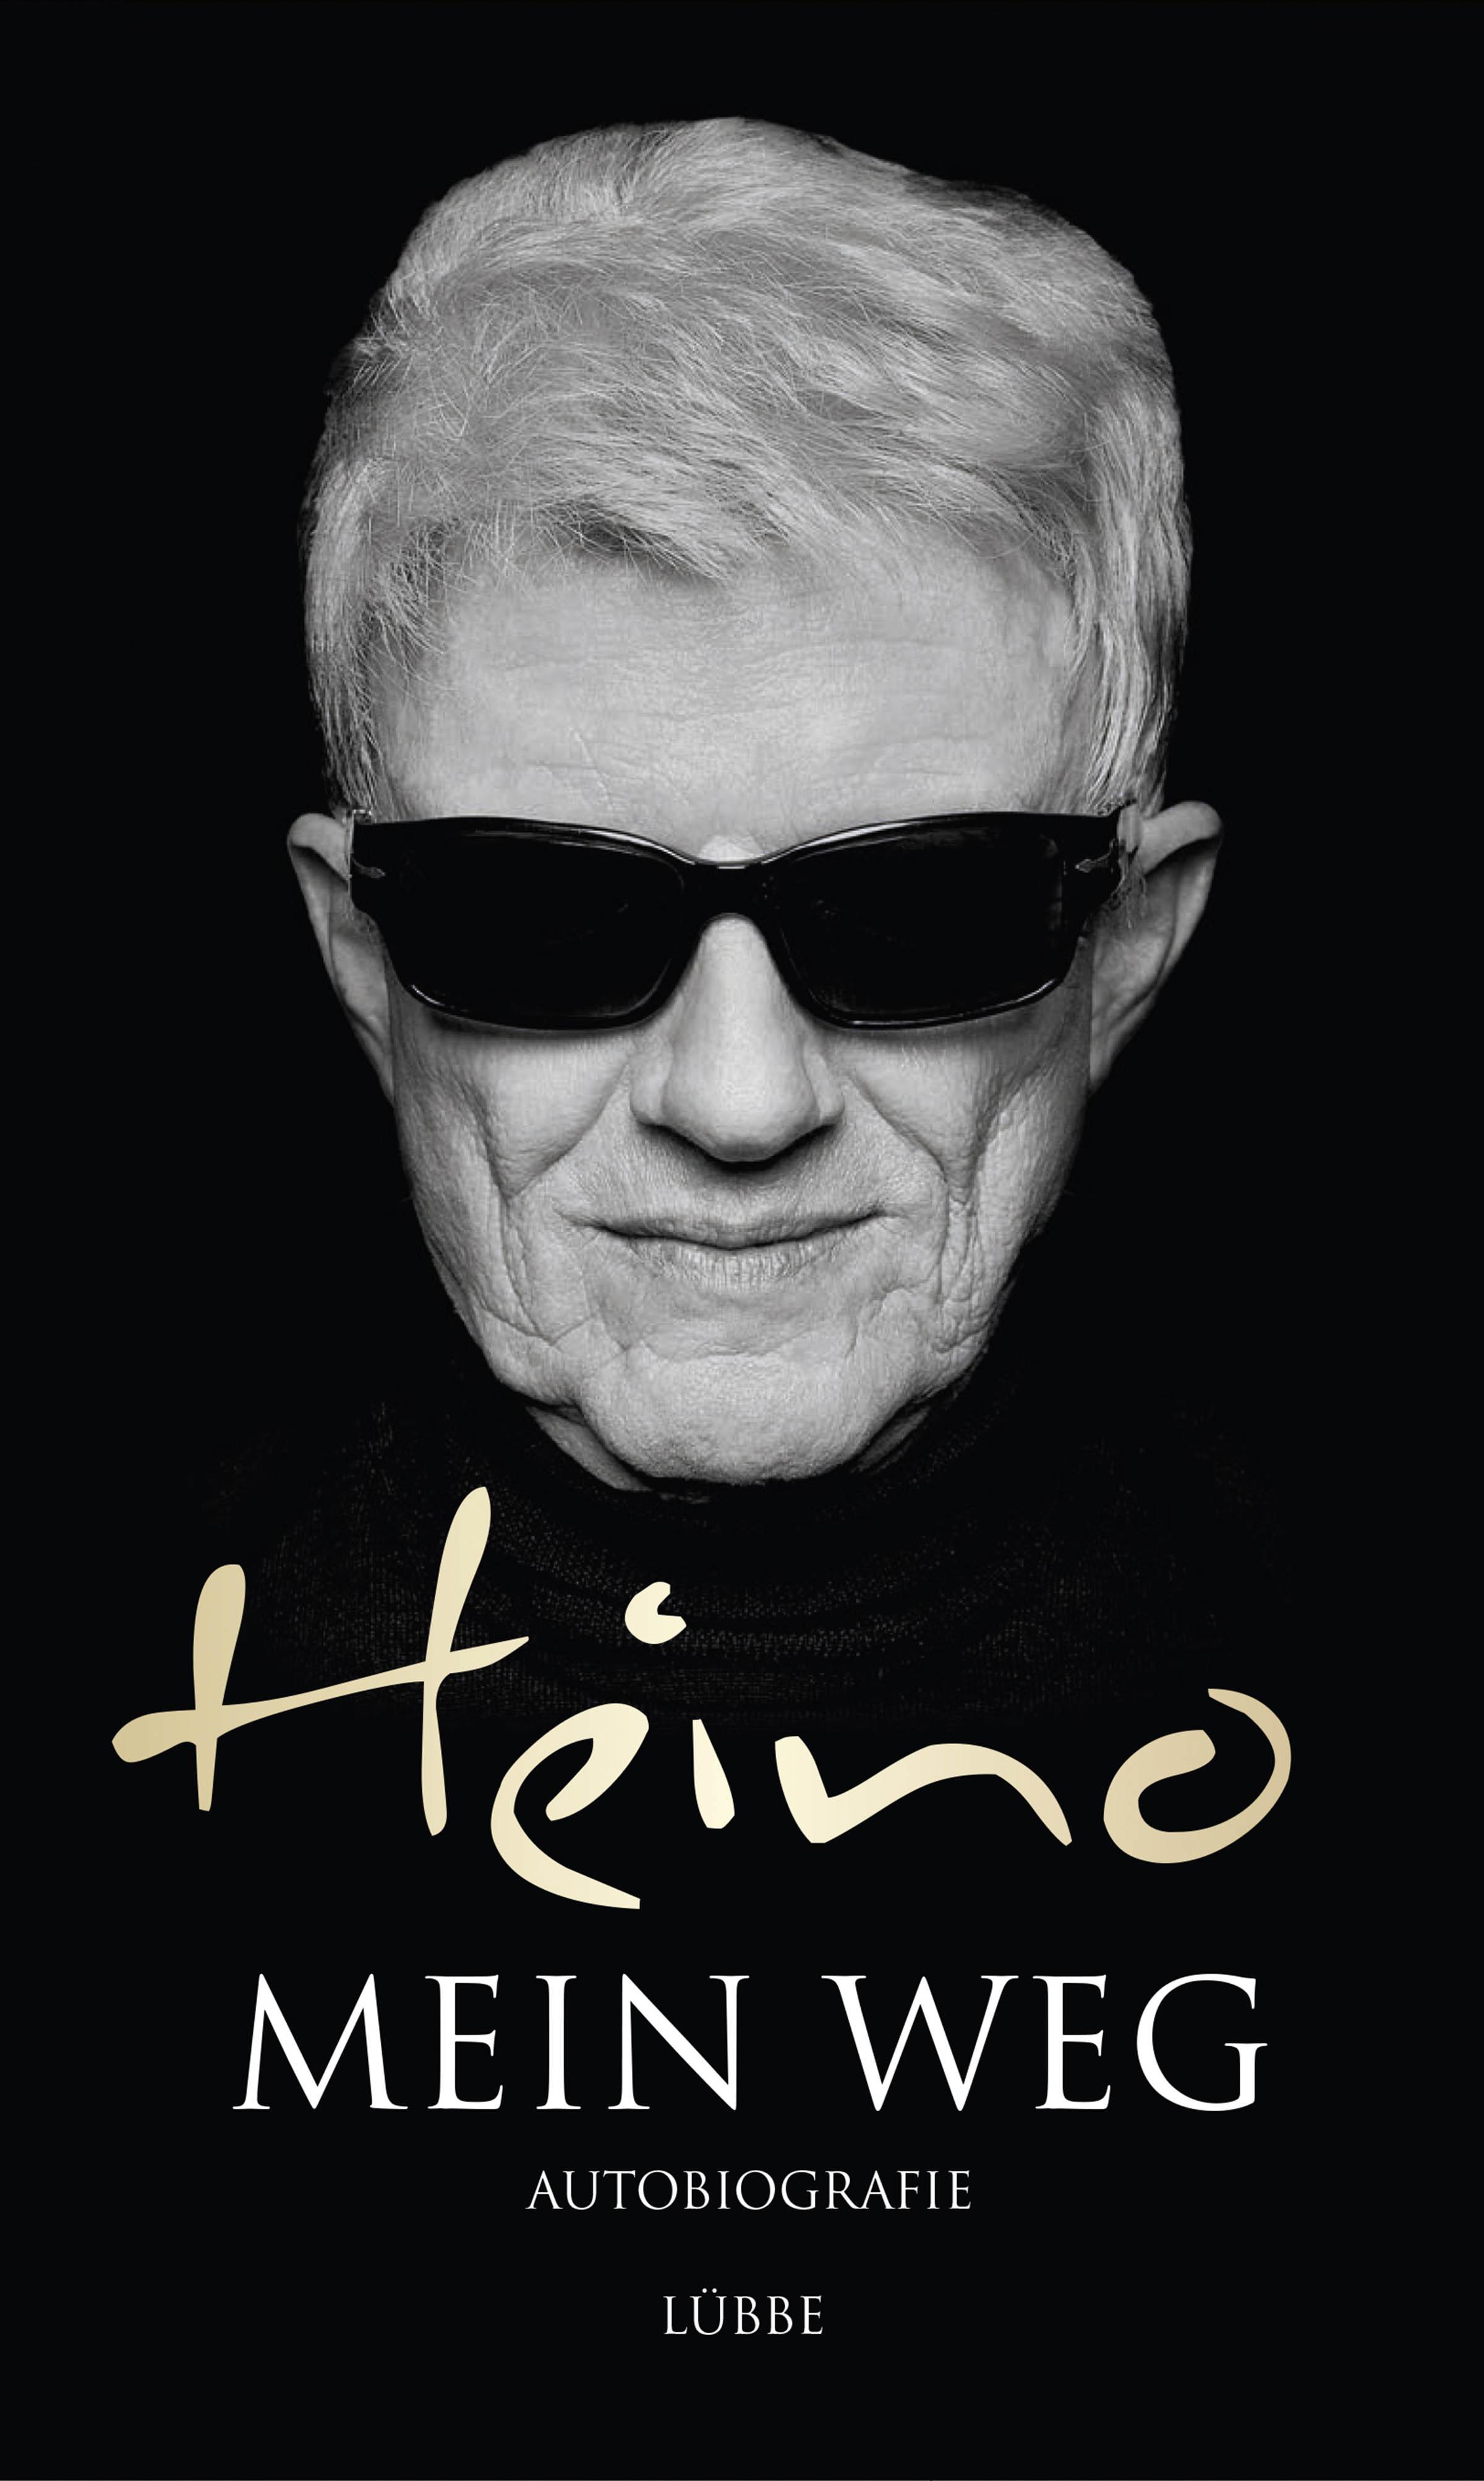 Heino_Mein_Weg